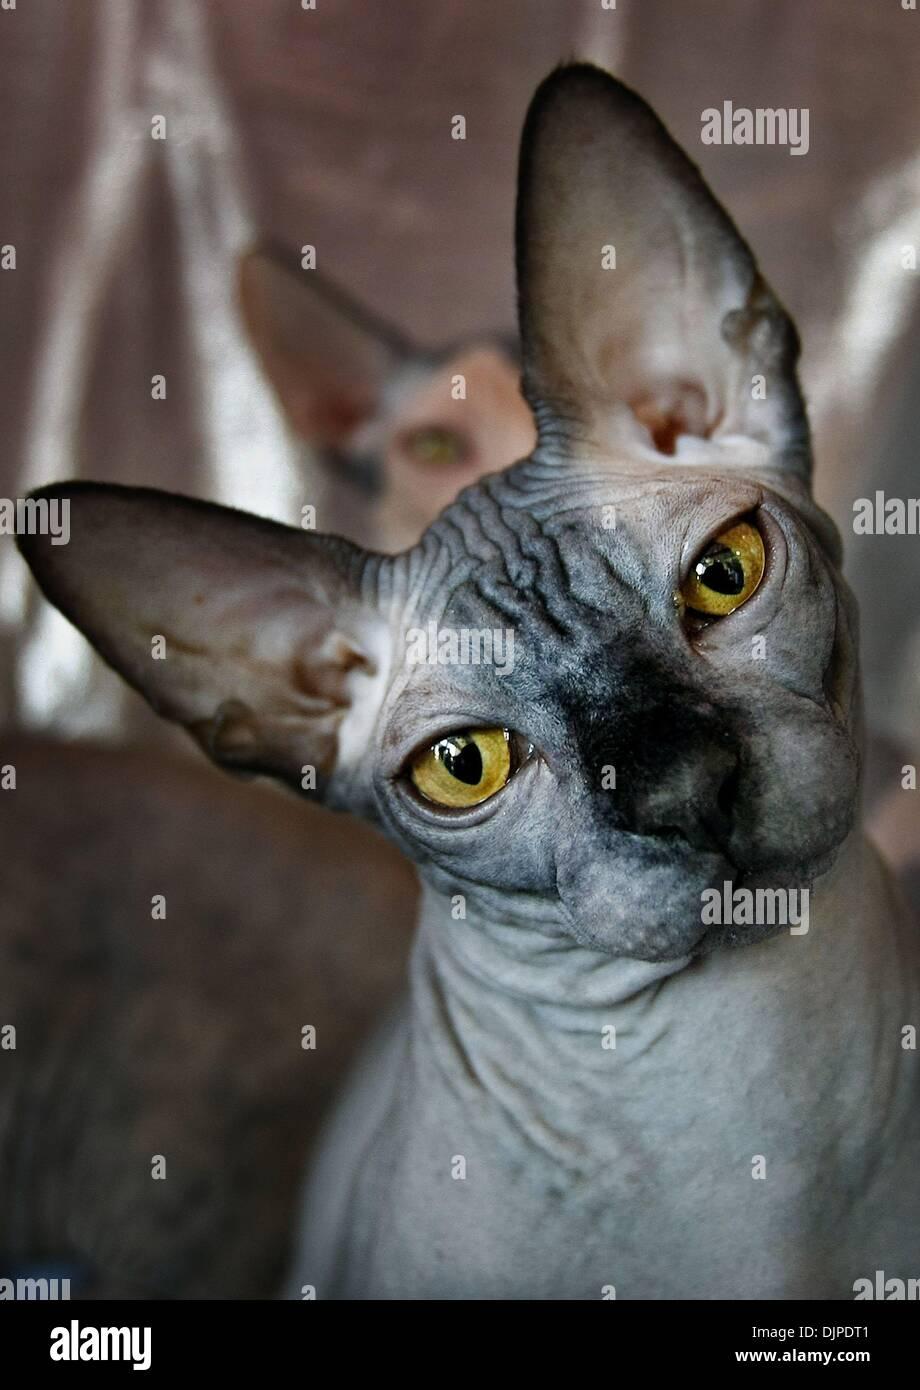 Fanciers Stock Photos & Fanciers Stock Images - Alamy